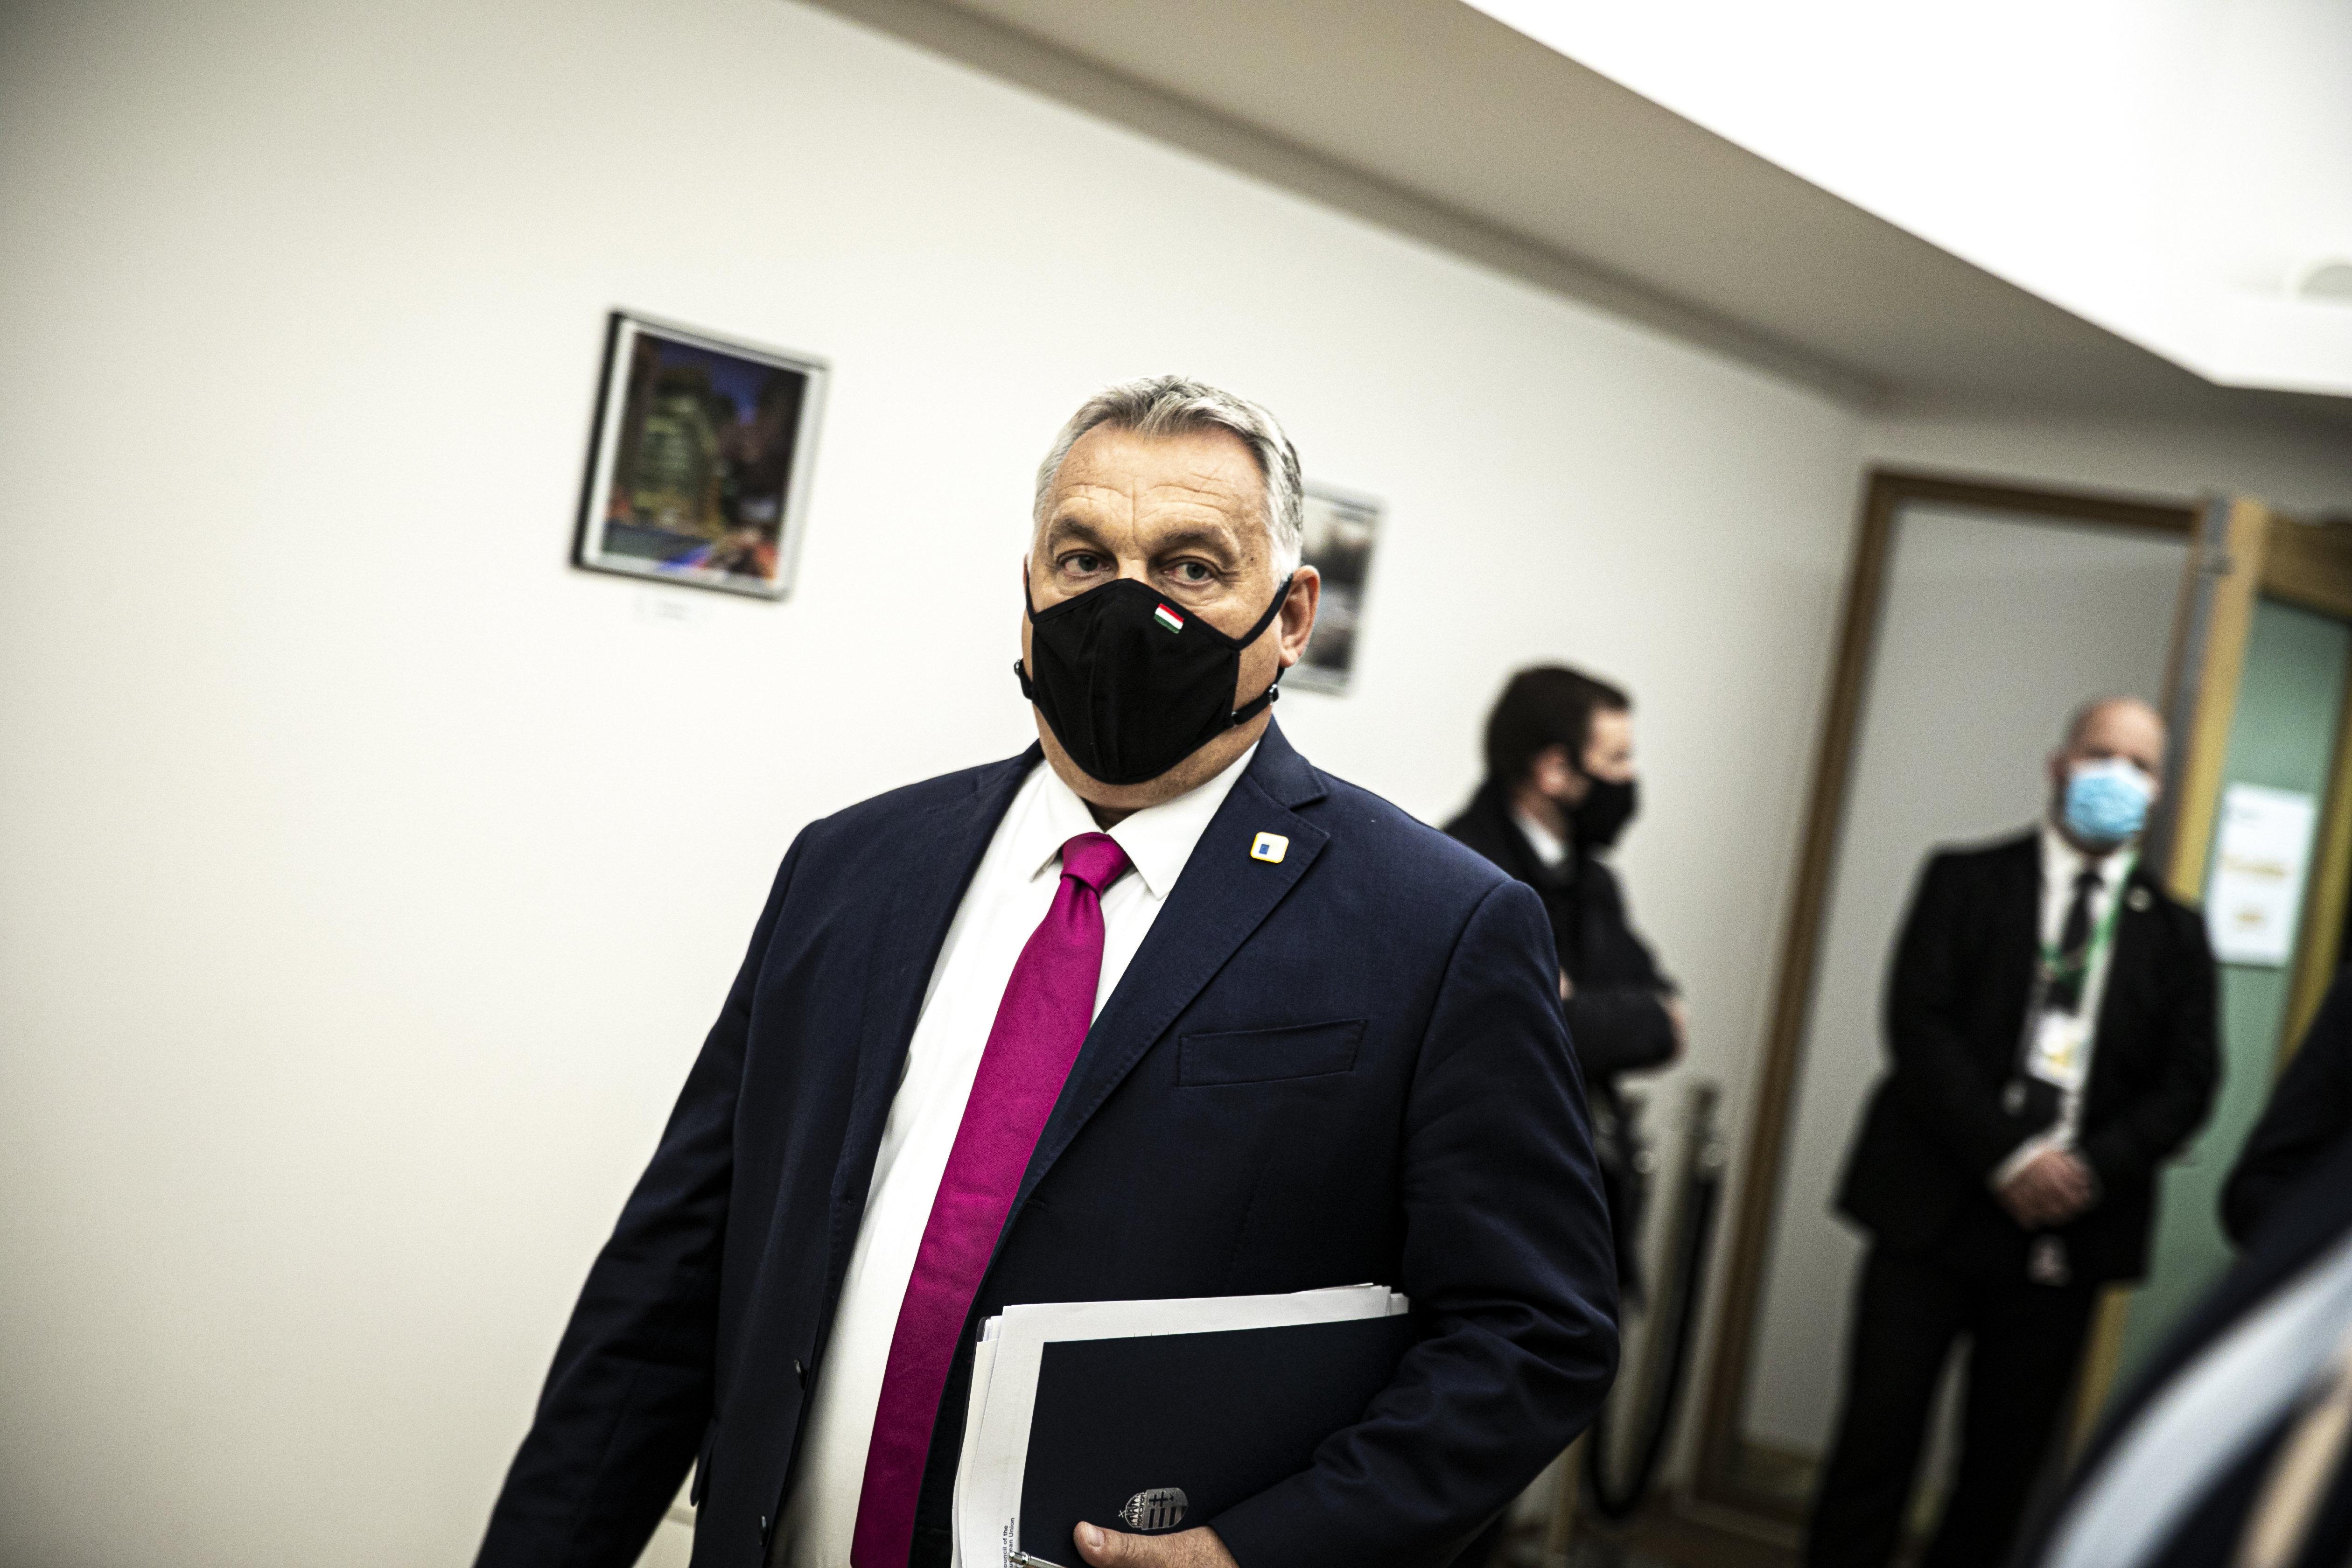 Több mint 800 milliót fizet a kormány, hogy Magyarországon rendezzék a vízilabda Bajnokok Ligája egyik csoportkörét jövőre